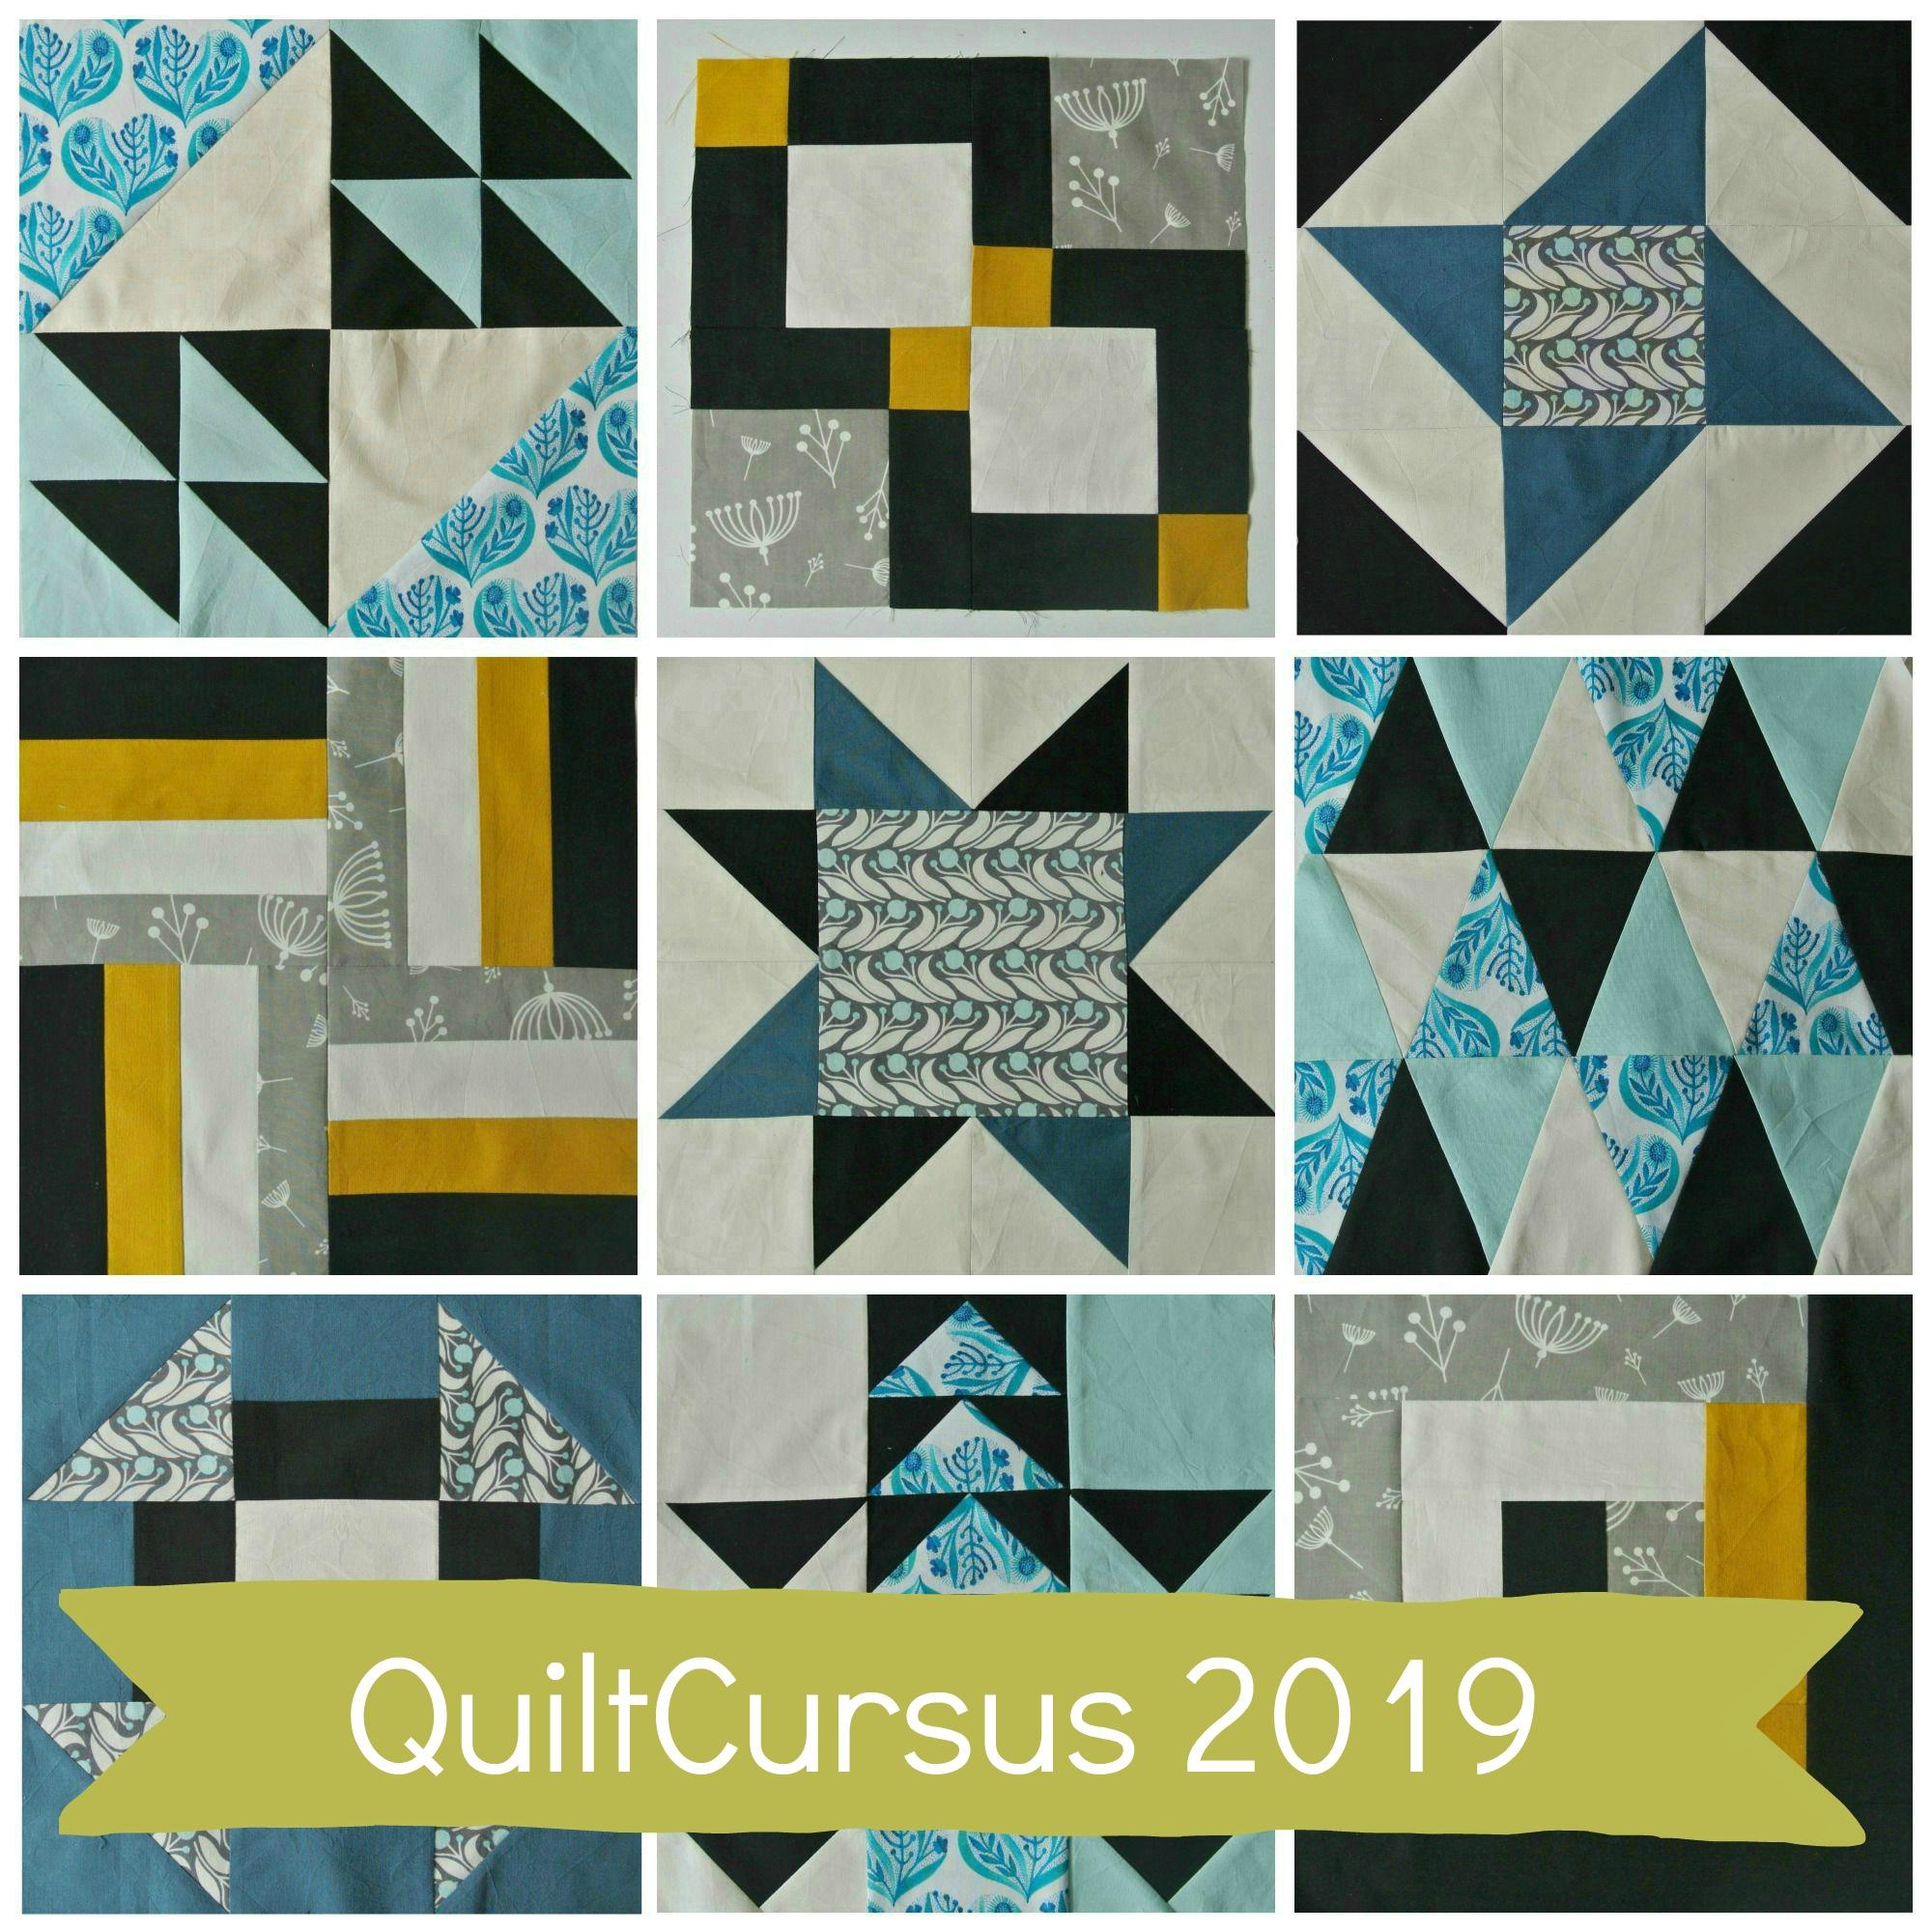 online quiltcursus 2019 button 2019